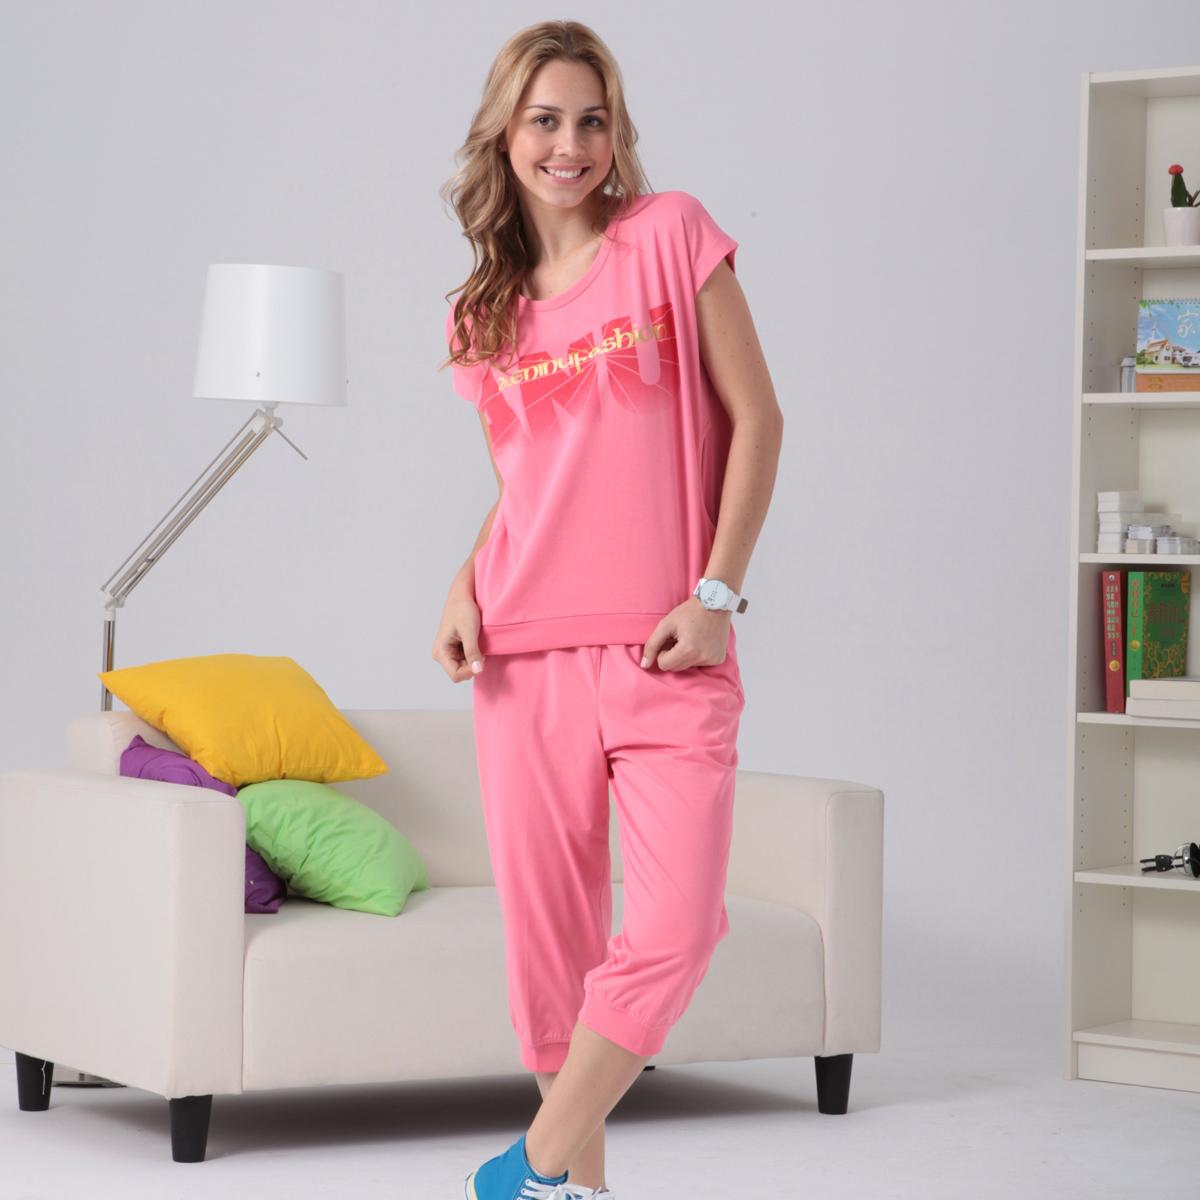 爱利奴新款夏季大码休闲套装女夏女款夏装女士运动短袖女装